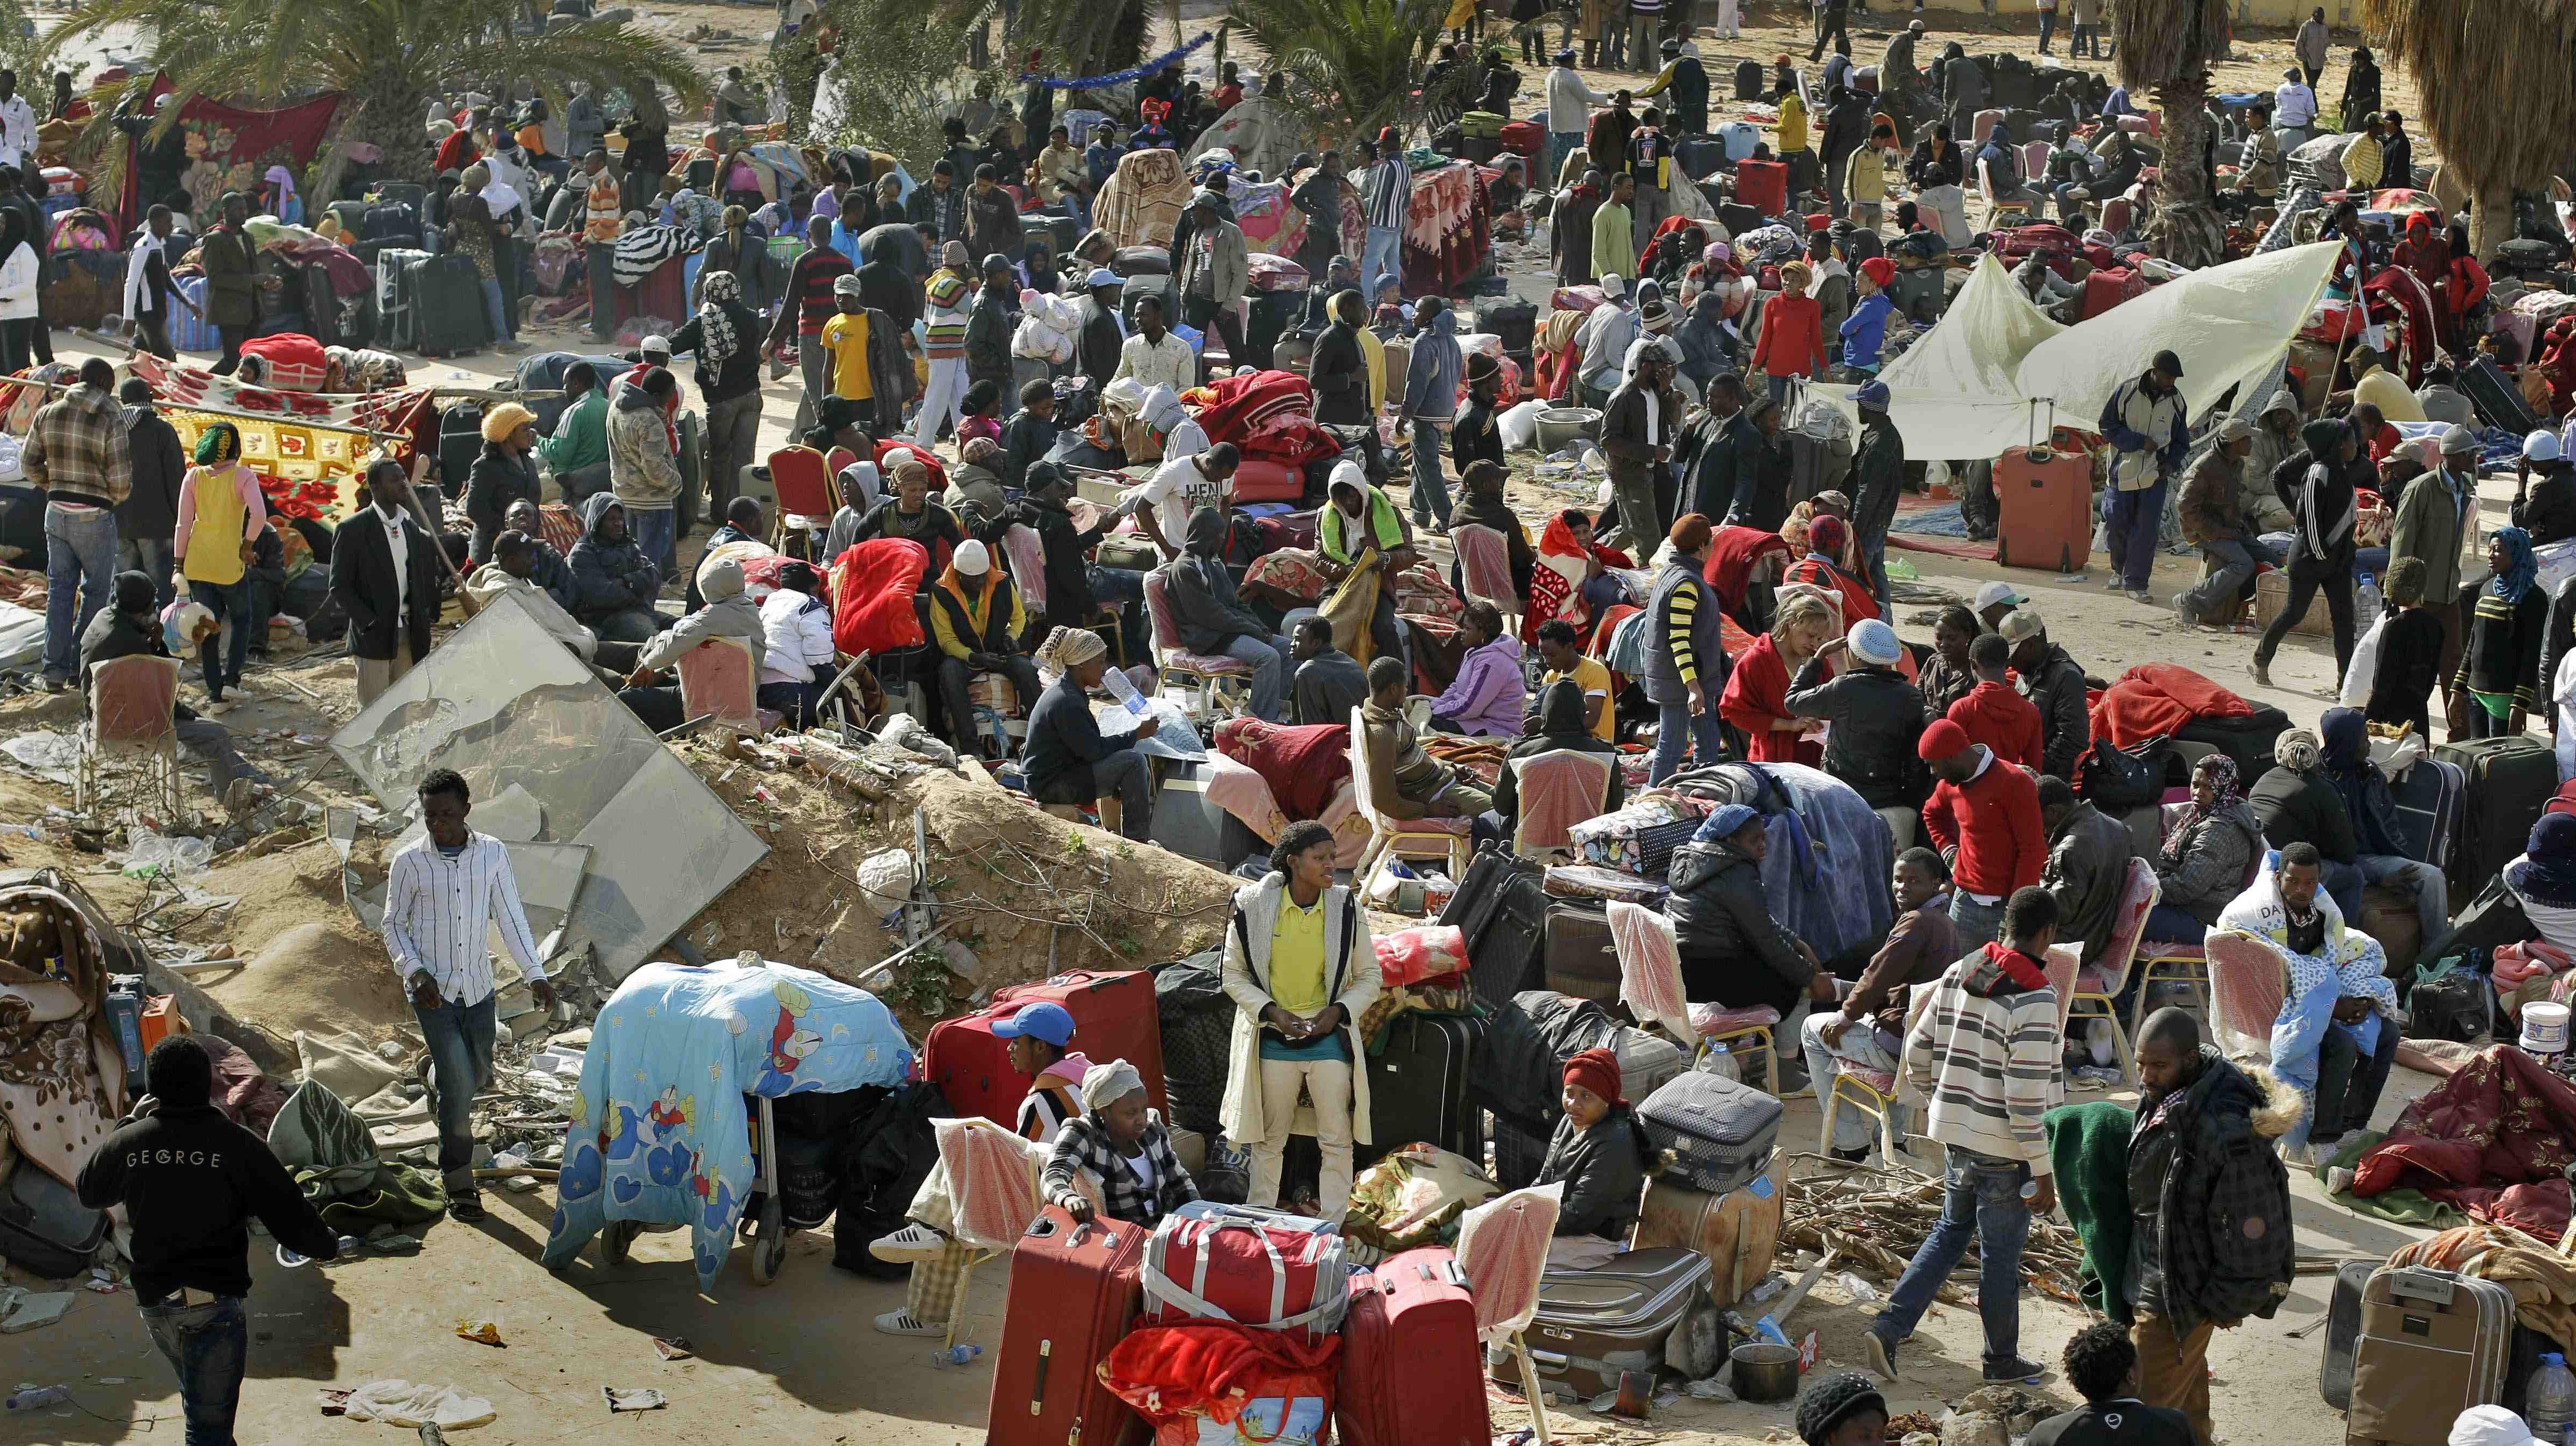 A World Economic Forum Legújabb Migrációs Tárgyú Cikke Az Afrikai Migrációs Helyzetről